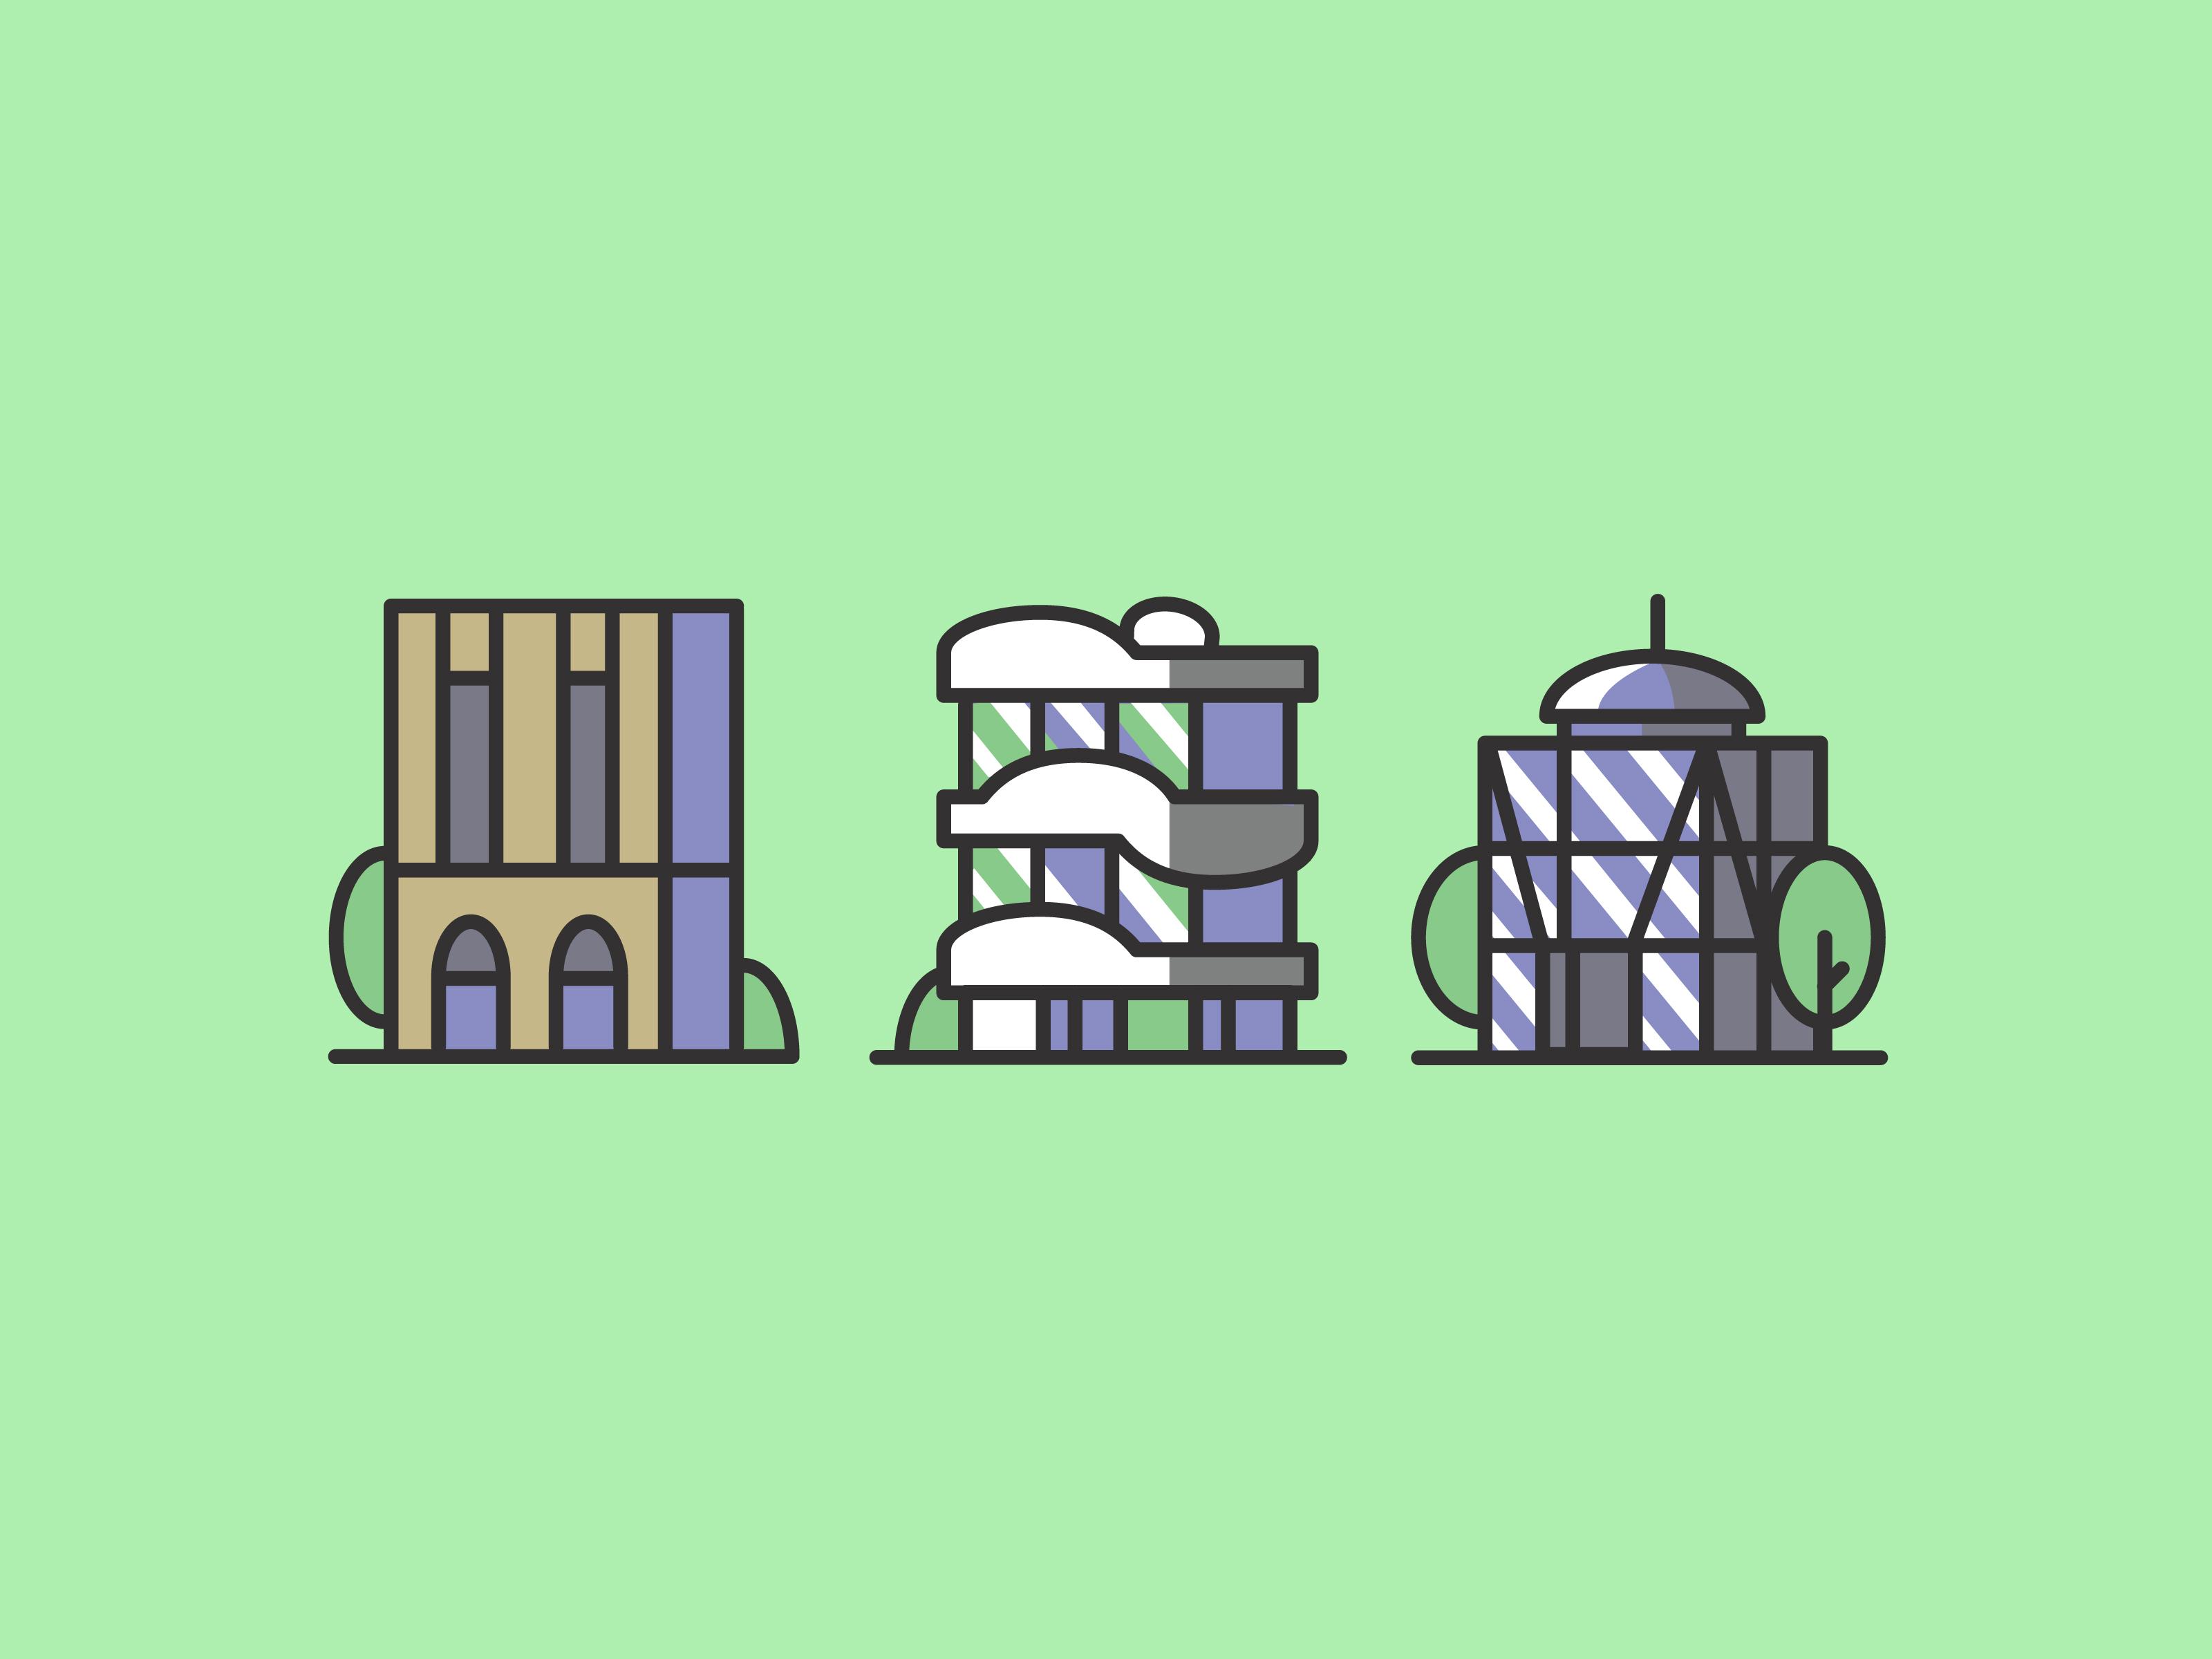 Necto icons